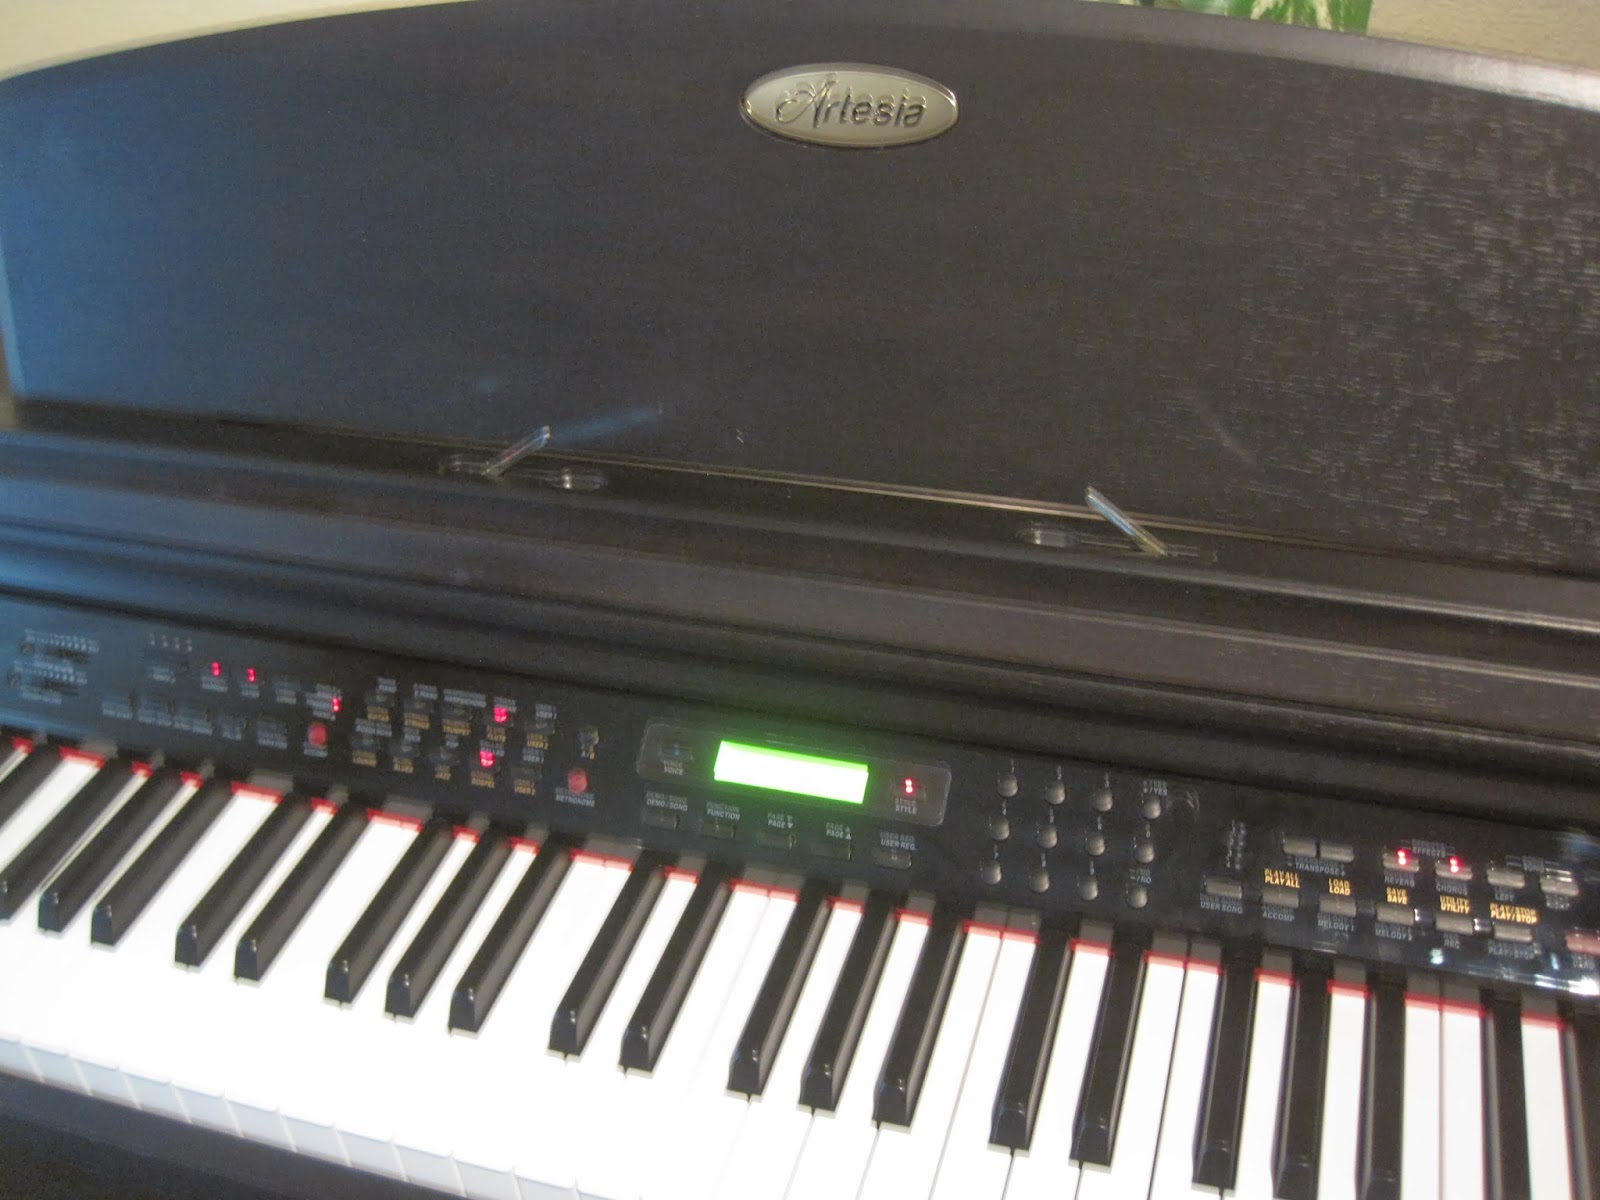 Artesia AP8 & Artesia AG41 digital pianos